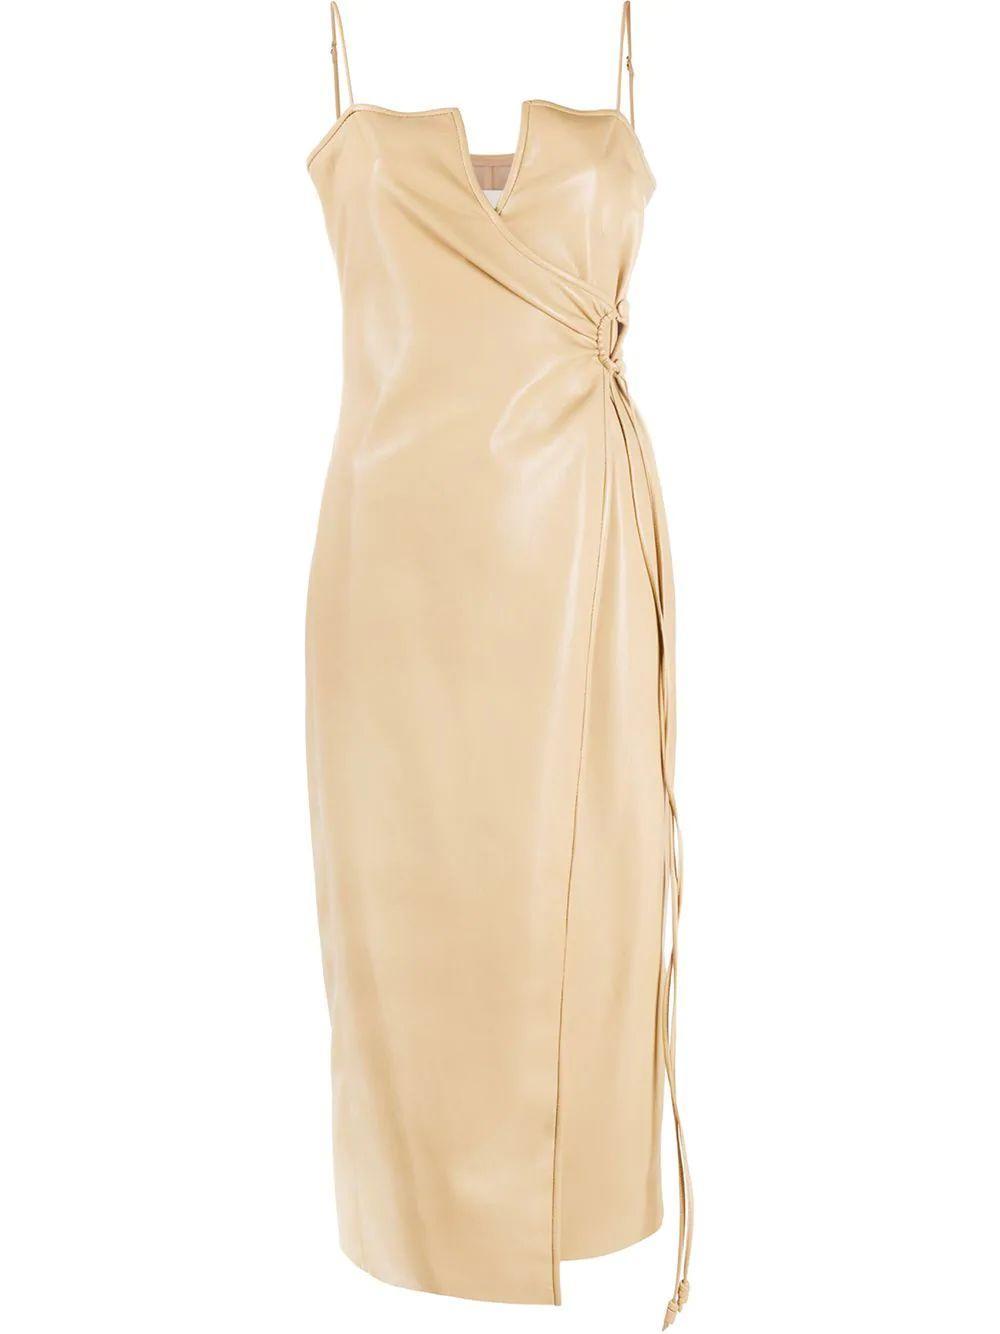 Anubi Leather Wrap Dress Item # NW21SSDR03473